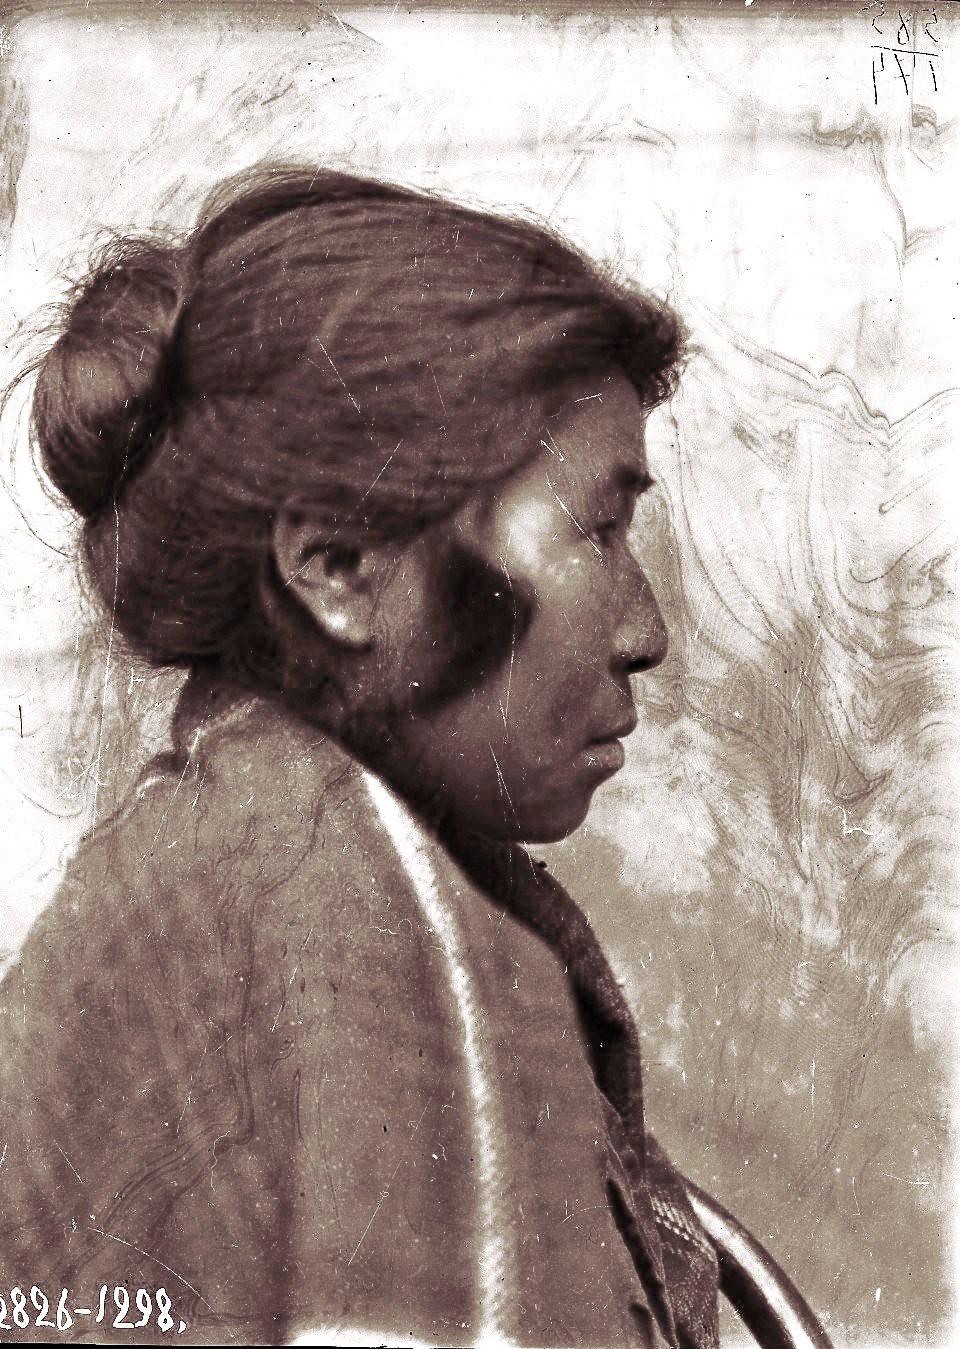 1909. Сентябрь. Агафья Пошехонова (профиль). Андреяновские острова, Атка остров (1)